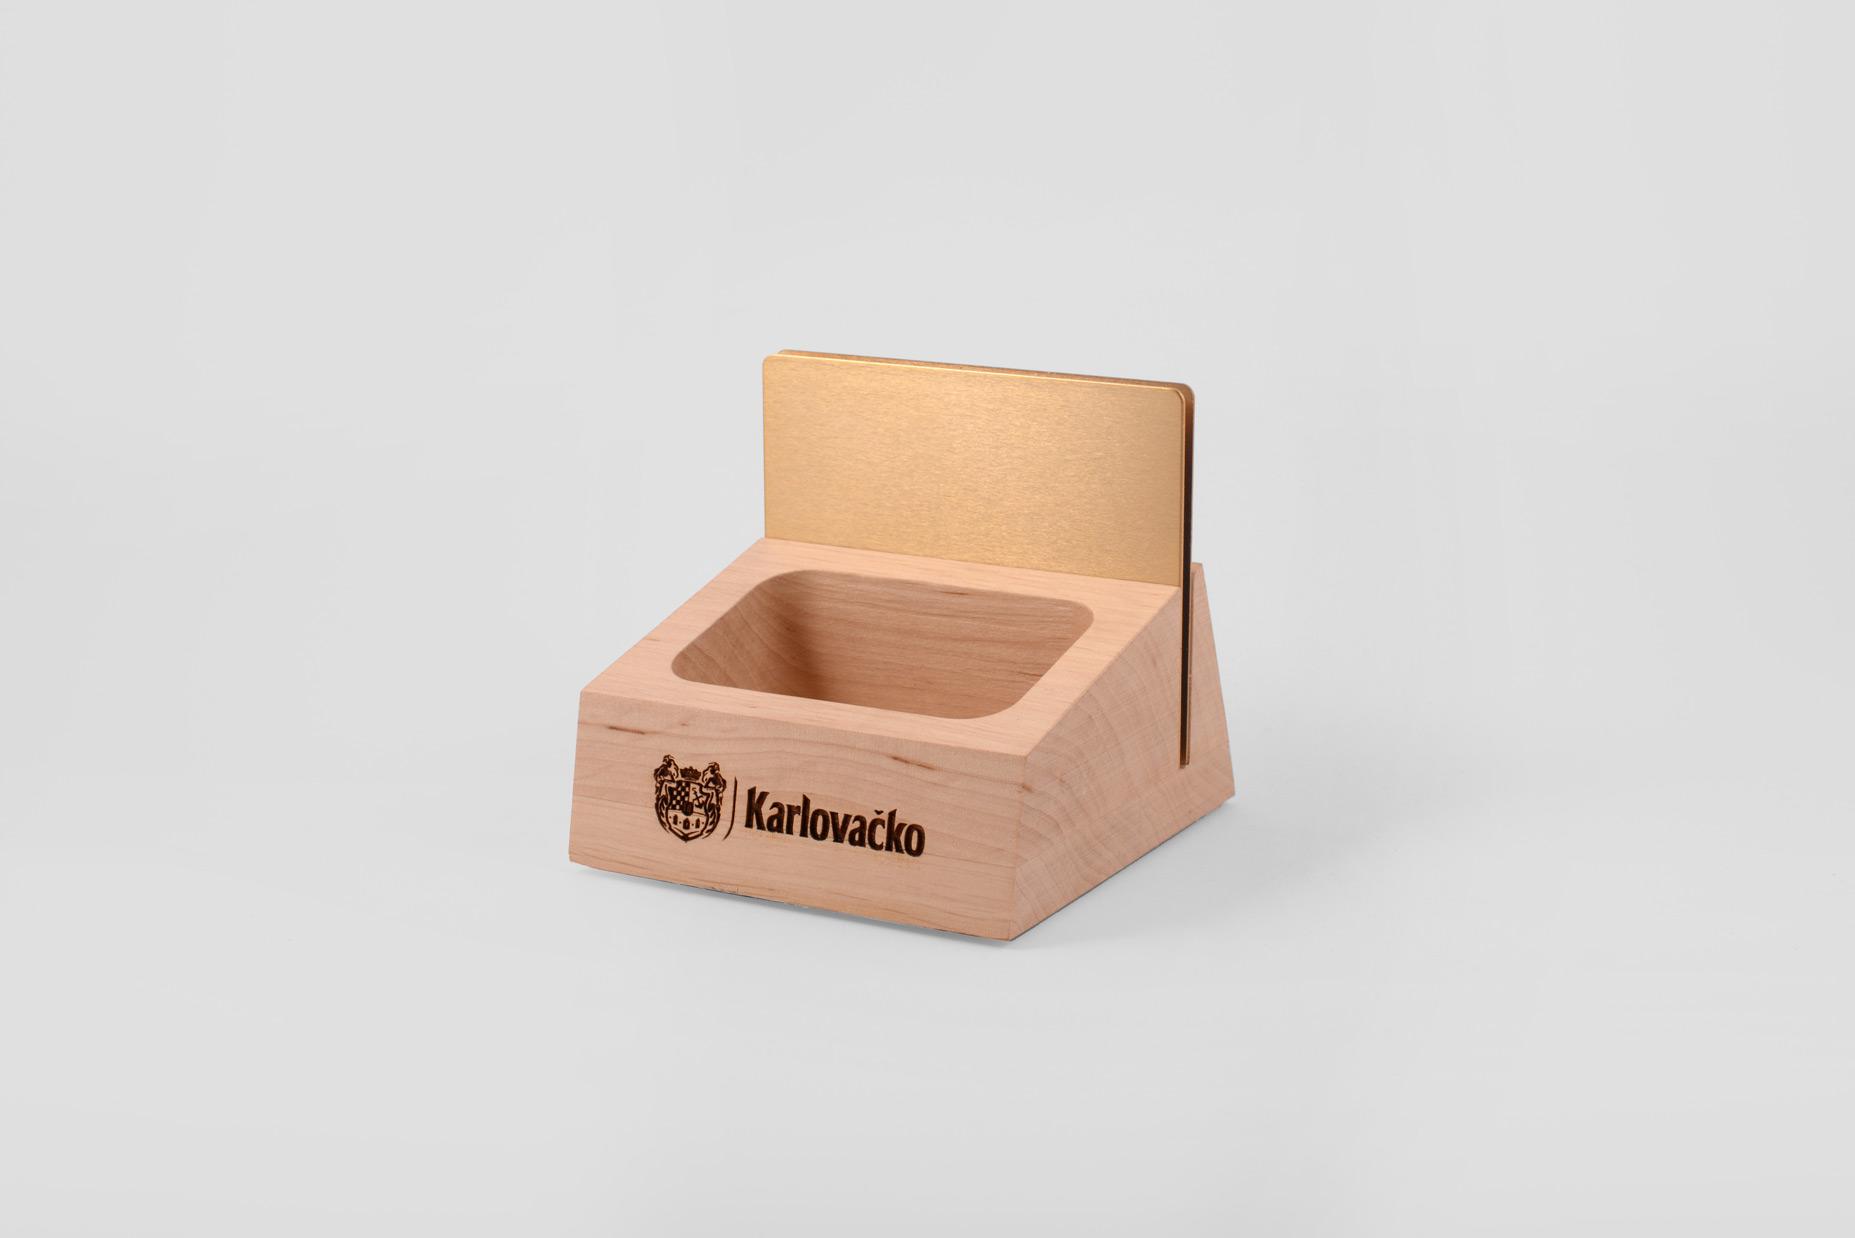 menu_holders_Karlovacko_premium02.jpg